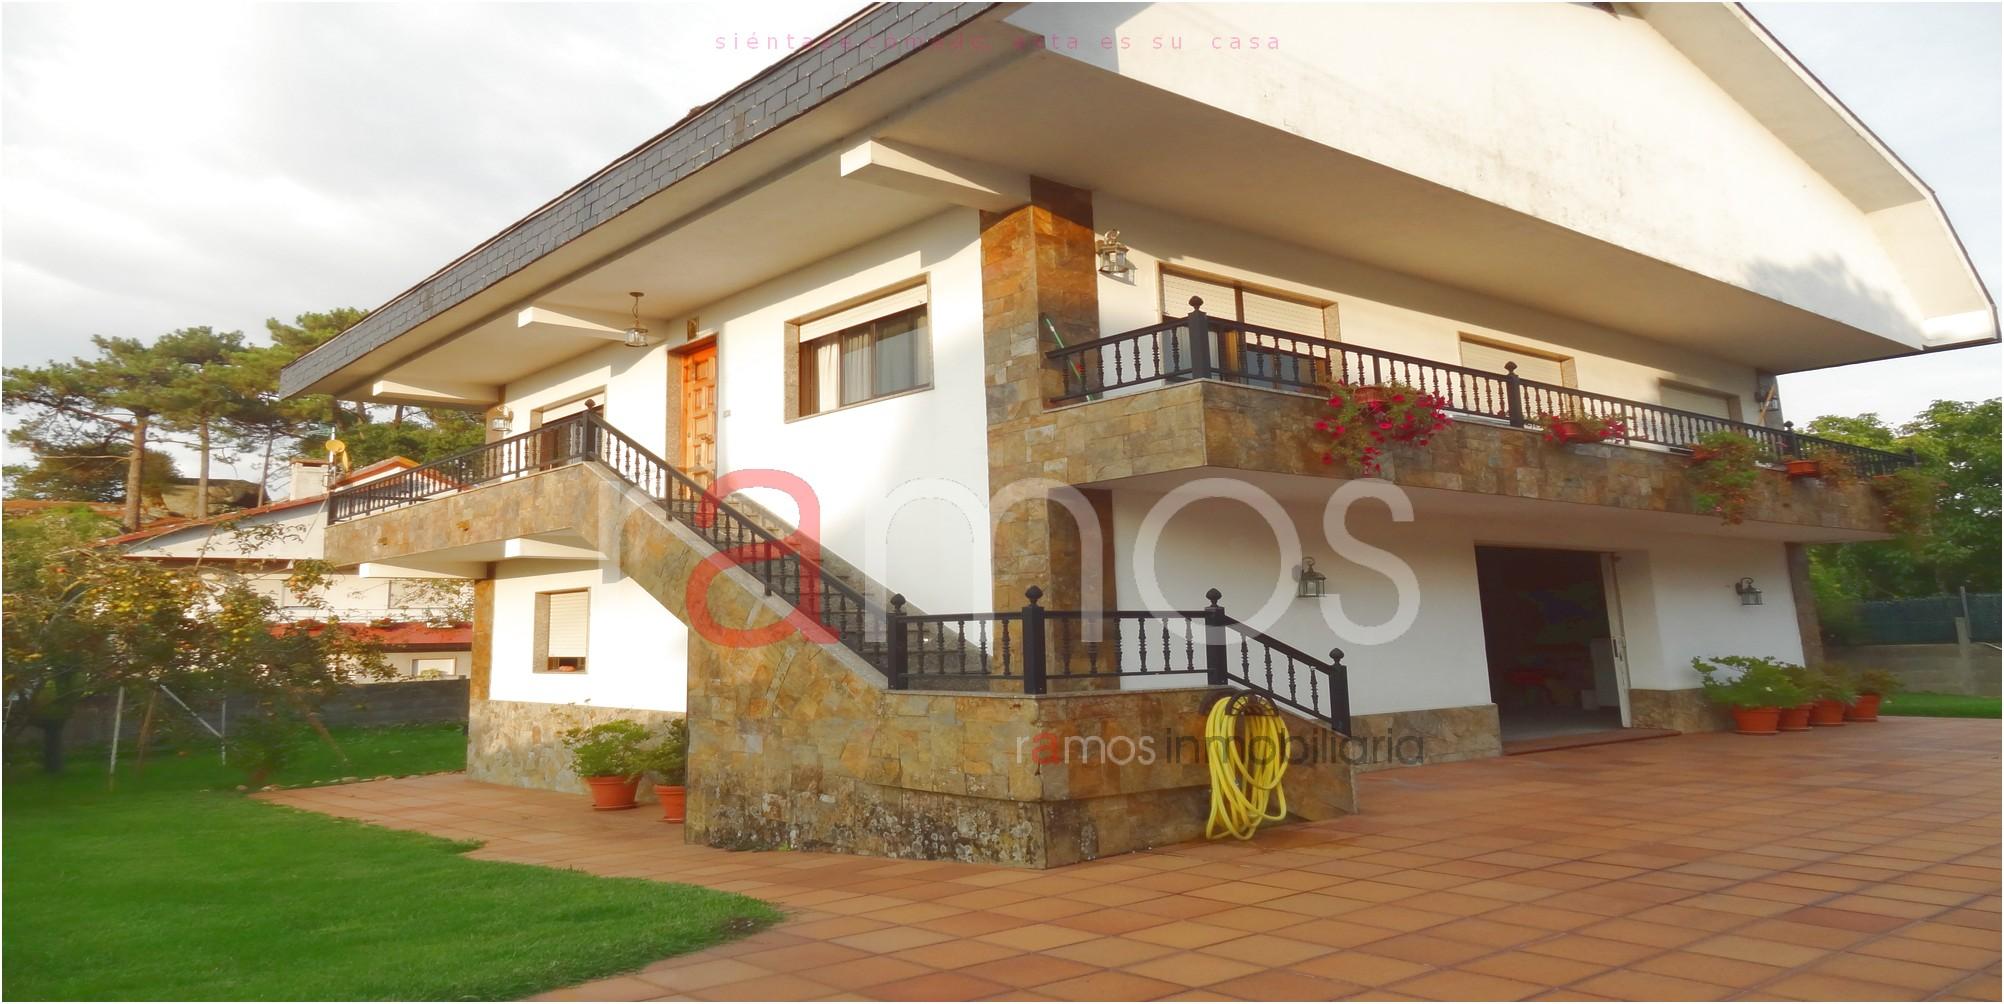 Se vende magnífica casa en Coruxo